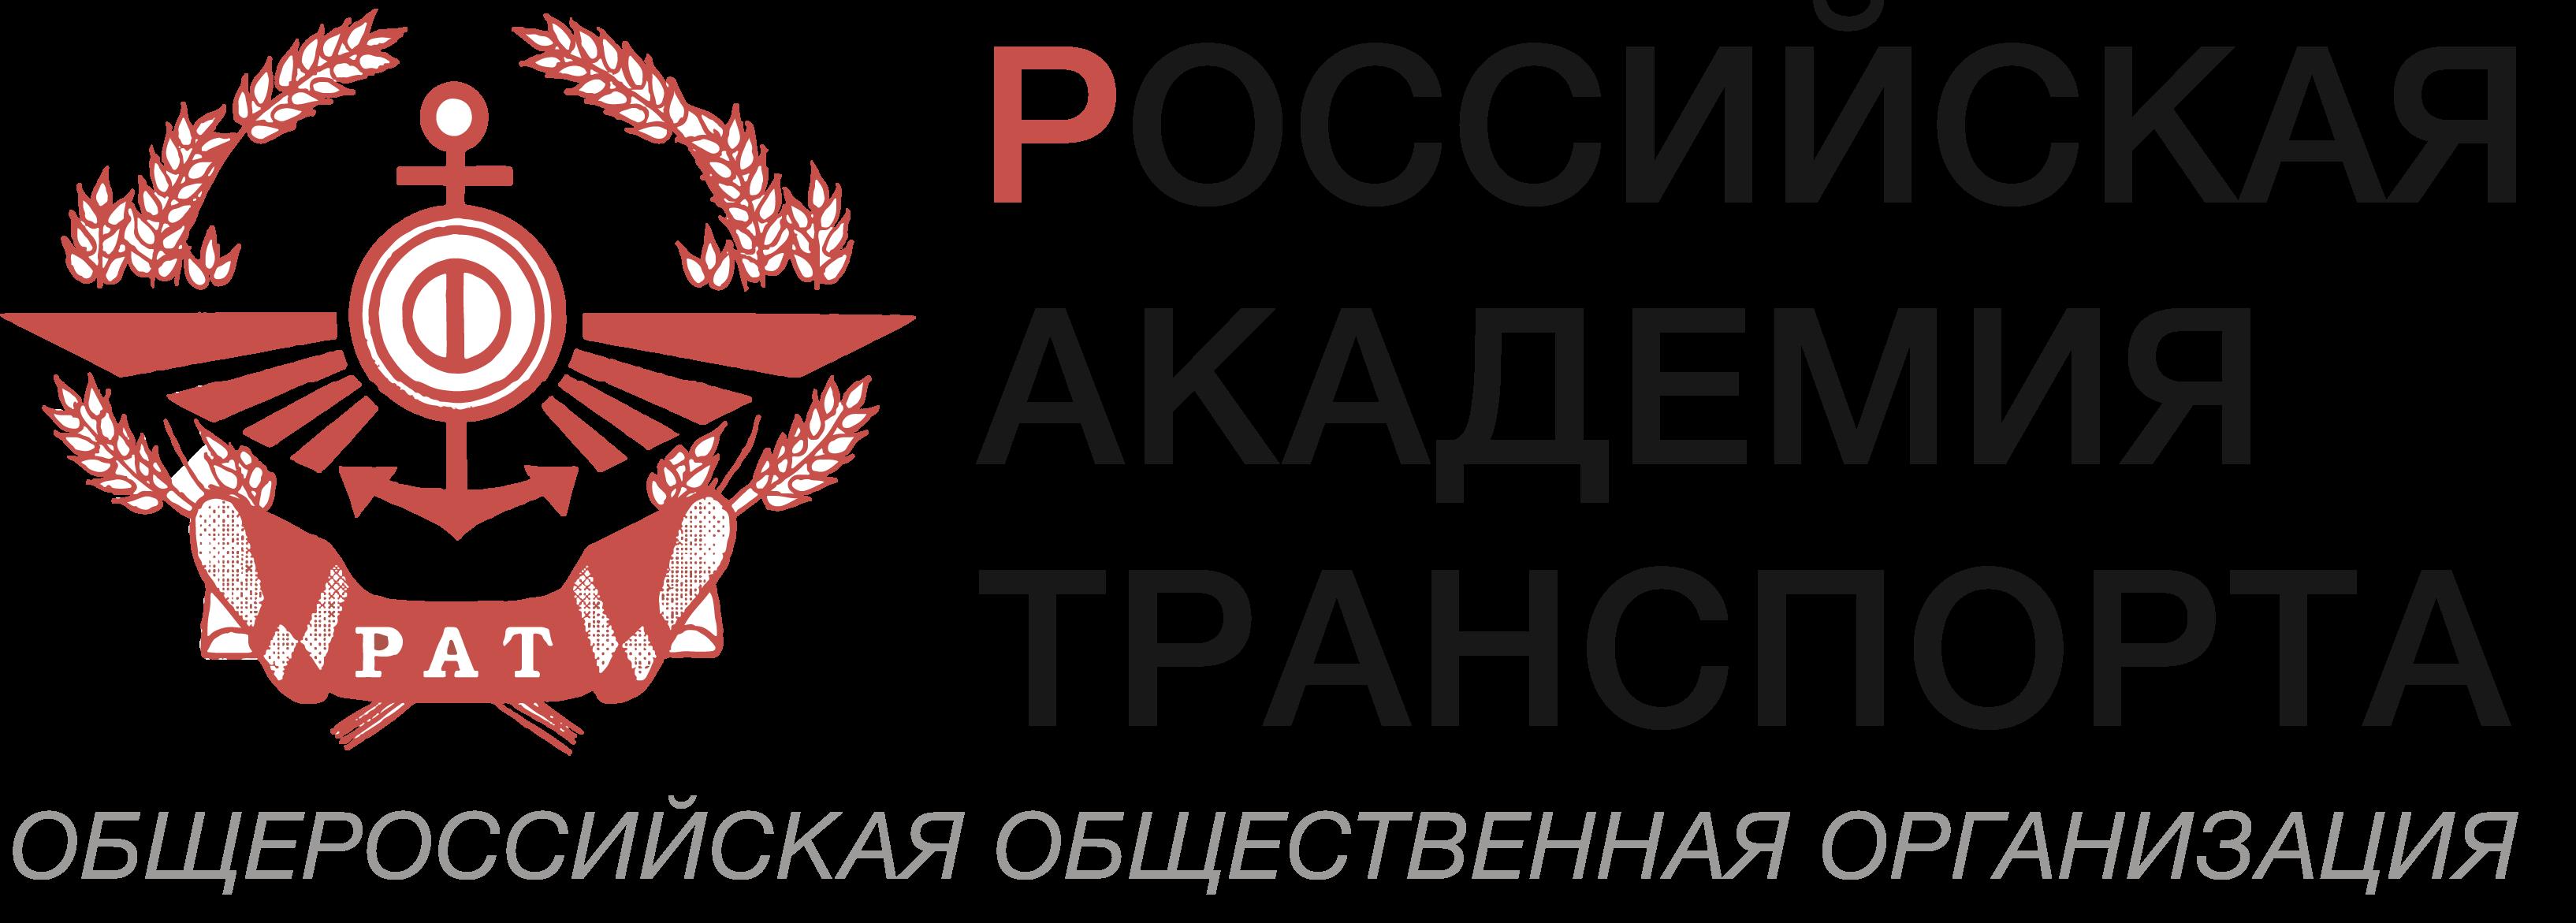 РОССИЙСКАЯ АКАДЕМИЯ ТРАНСПОРТА